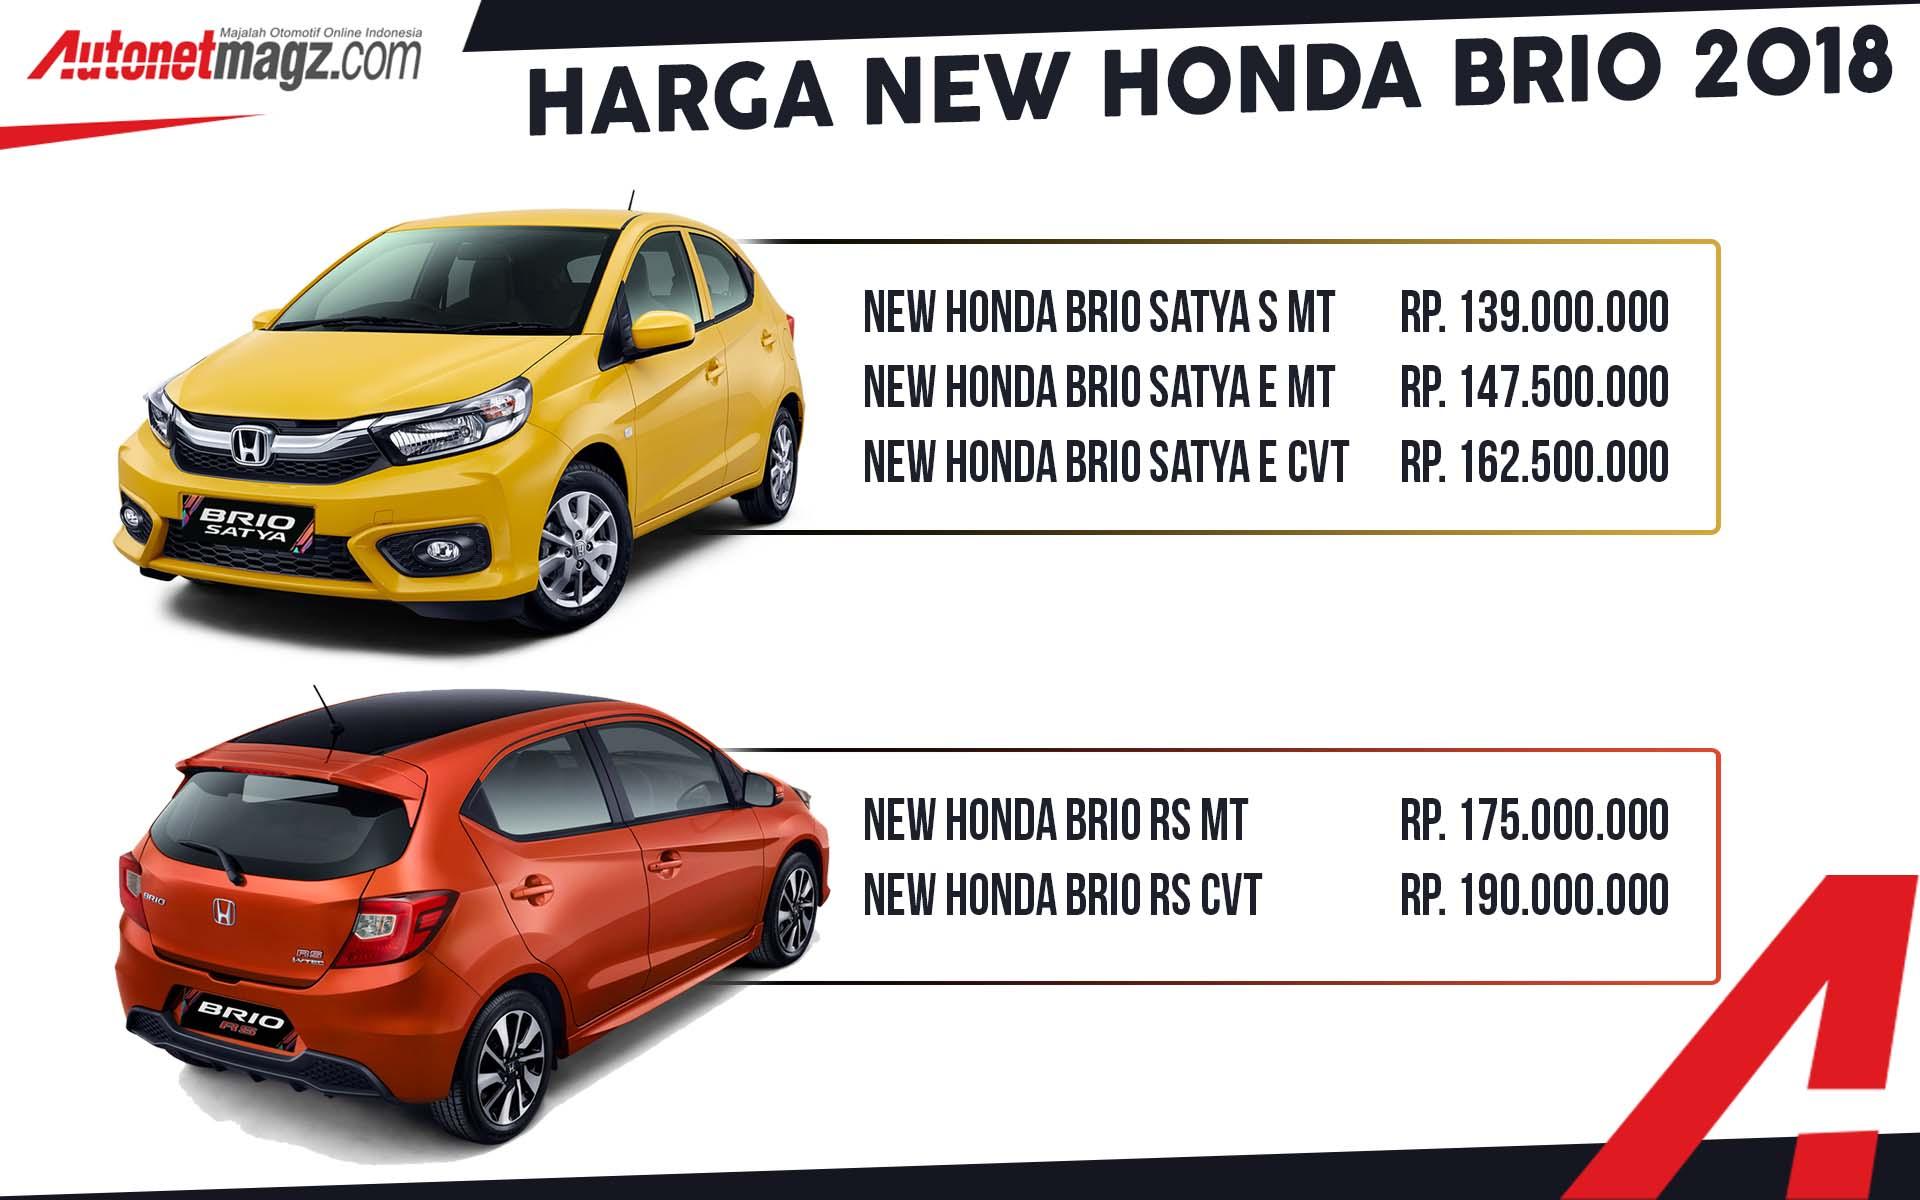 Harga honda brio terbaru september 2021 mulai dari rp 151.4 juta. harga brio   AutonetMagz :: Review Mobil dan Motor Baru Indonesia